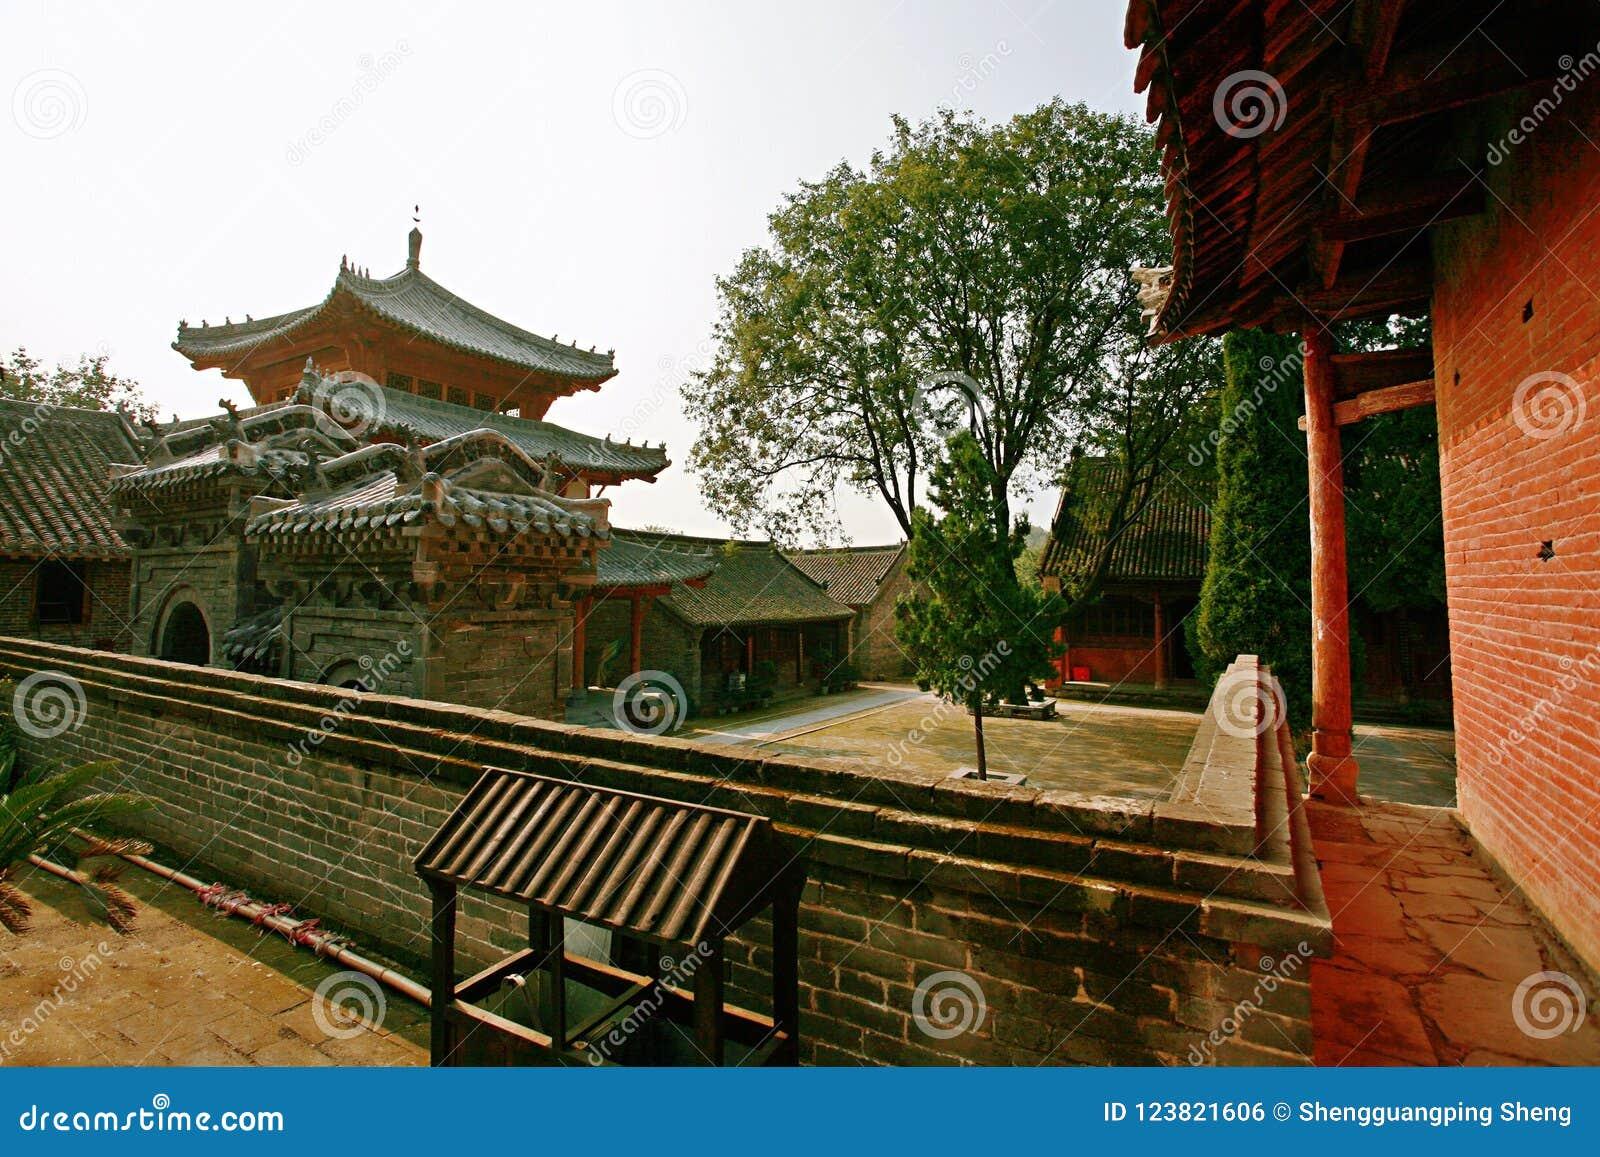 Xiang Yan Temple